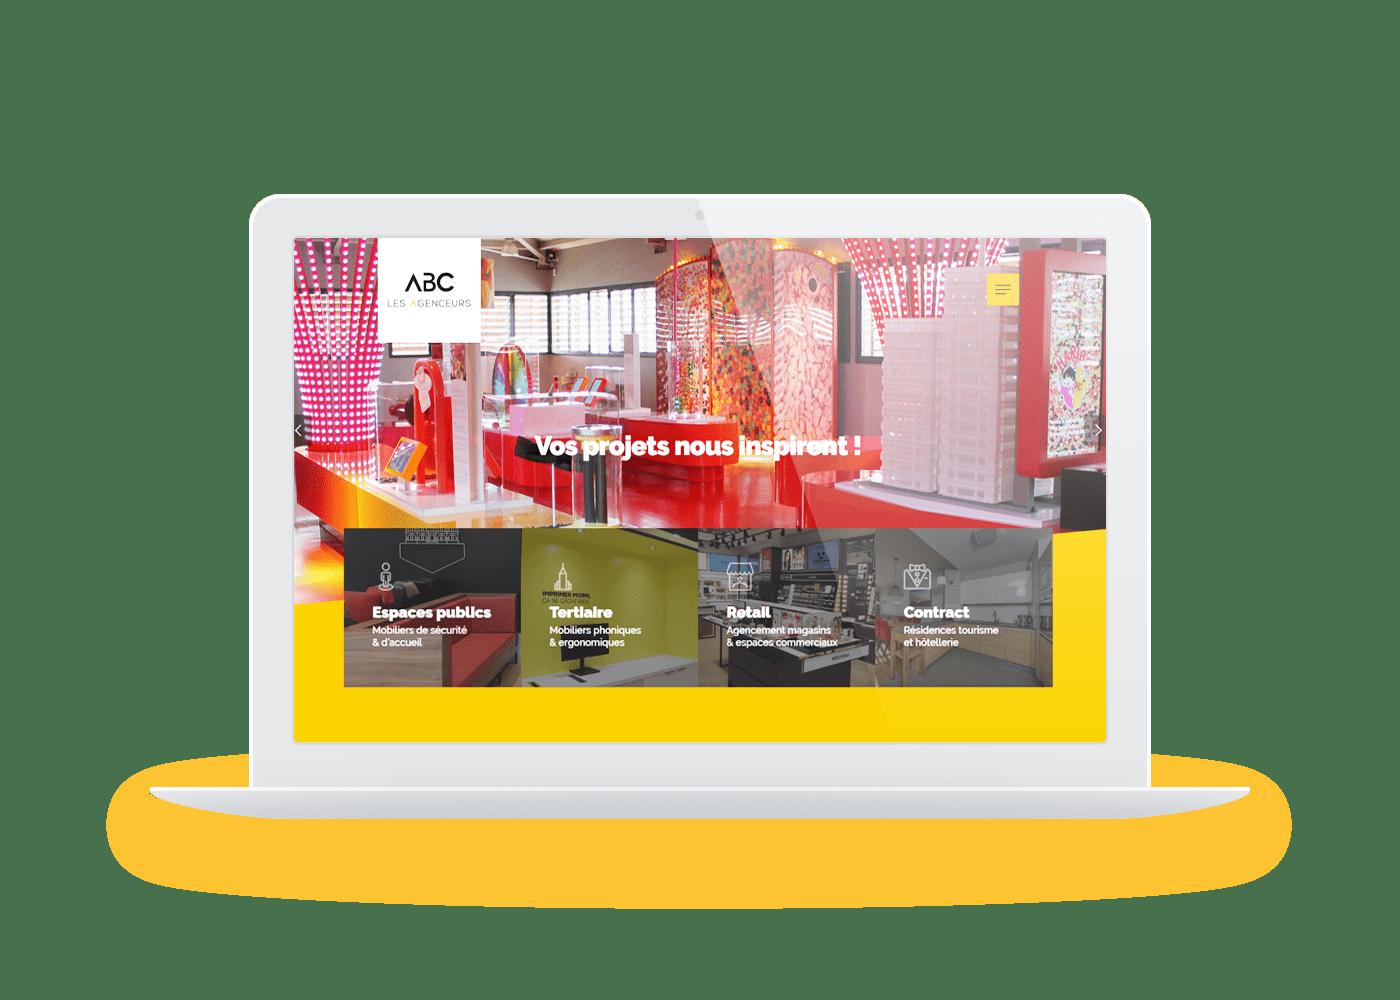 abc agencement macbook wordpress agence web lyon arkanite design graphisme ecommerce commerce boutique en ligne illustrations logos meilleure